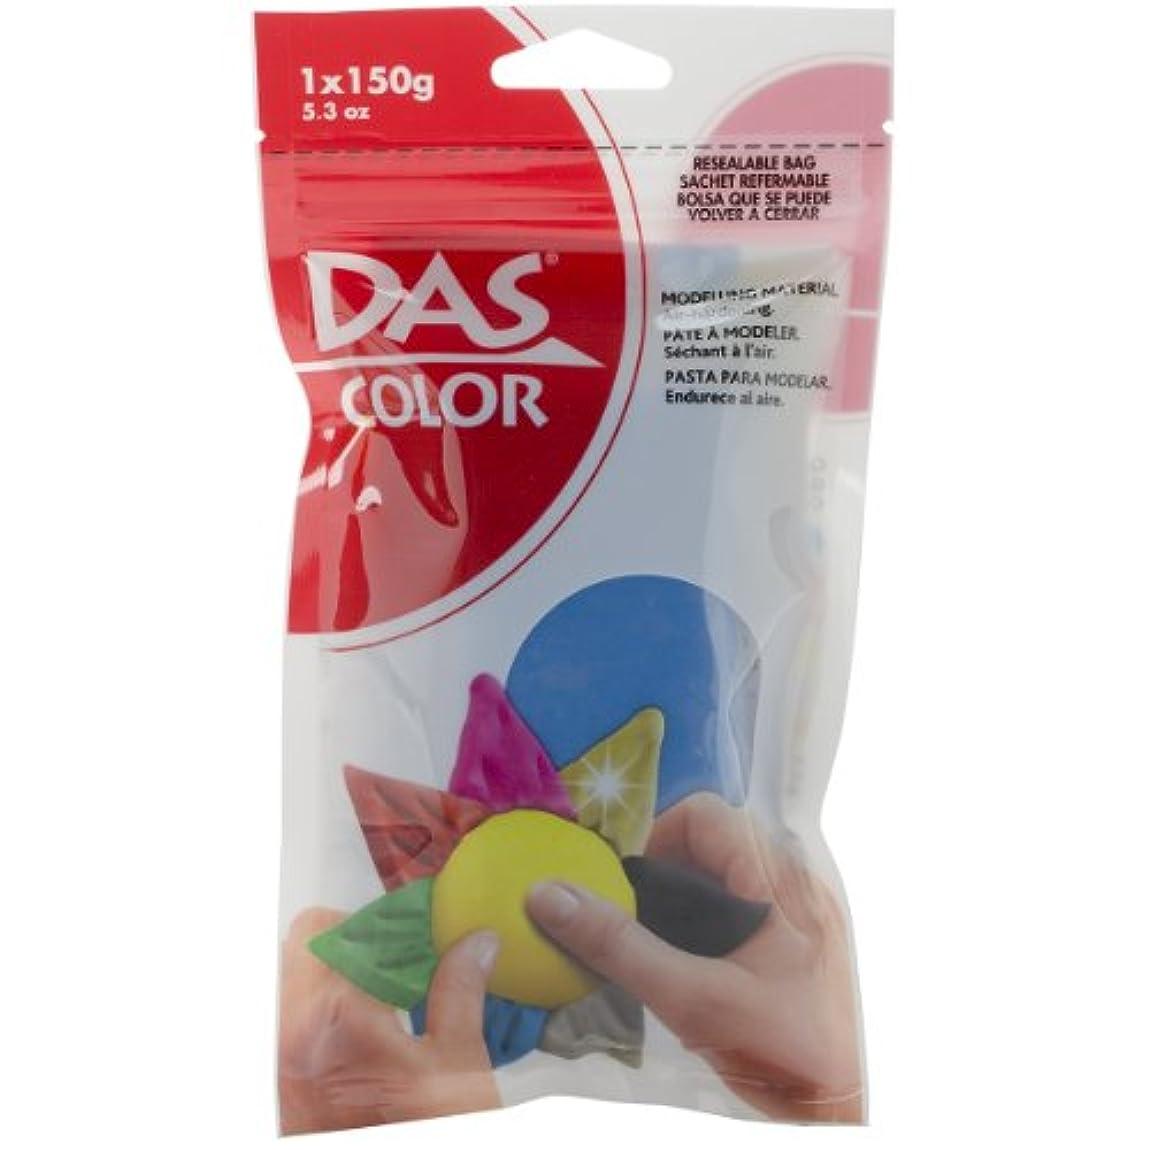 絶え間ないライム絶え間ないDas 色空気乾燥粘土 5.3 オンス ターコイズ